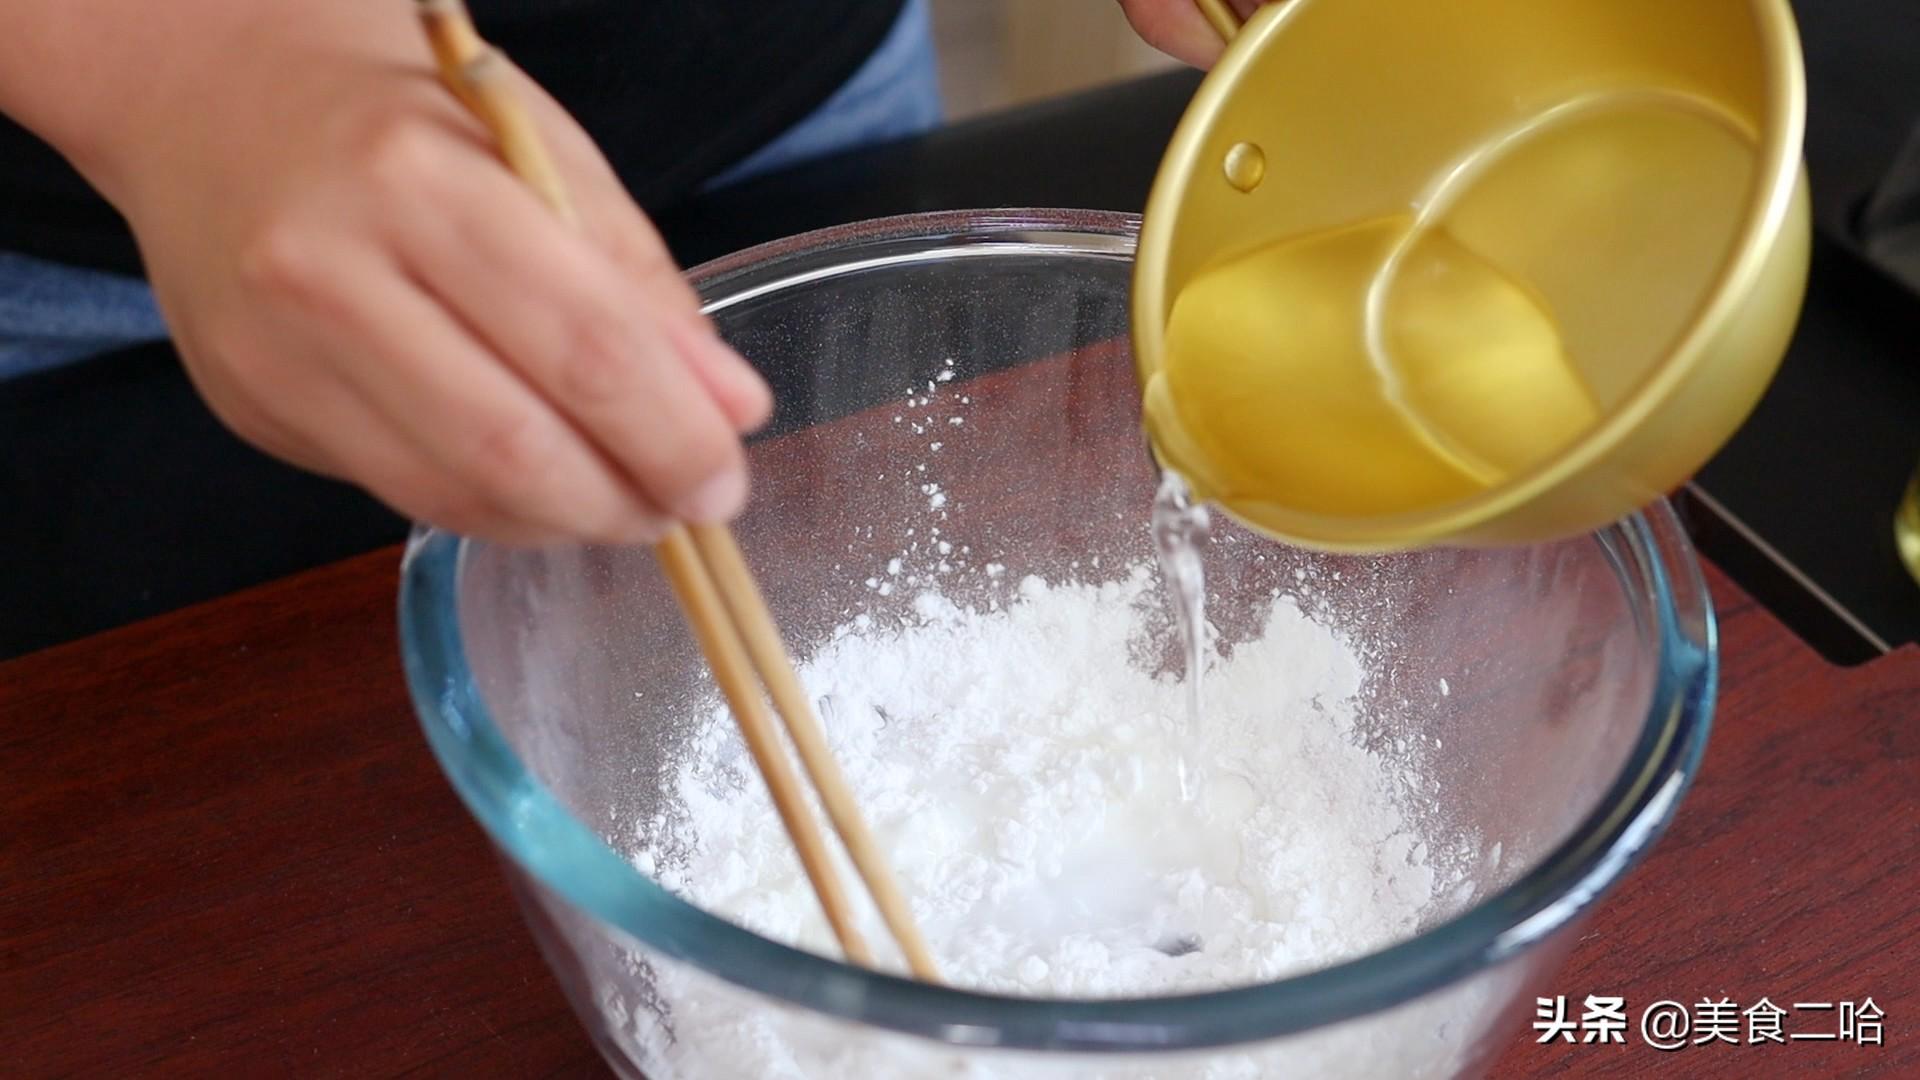 做凉粉时,别加盐提高筋性了,加上这种食材,怎么都甩不断 美食做法 第2张